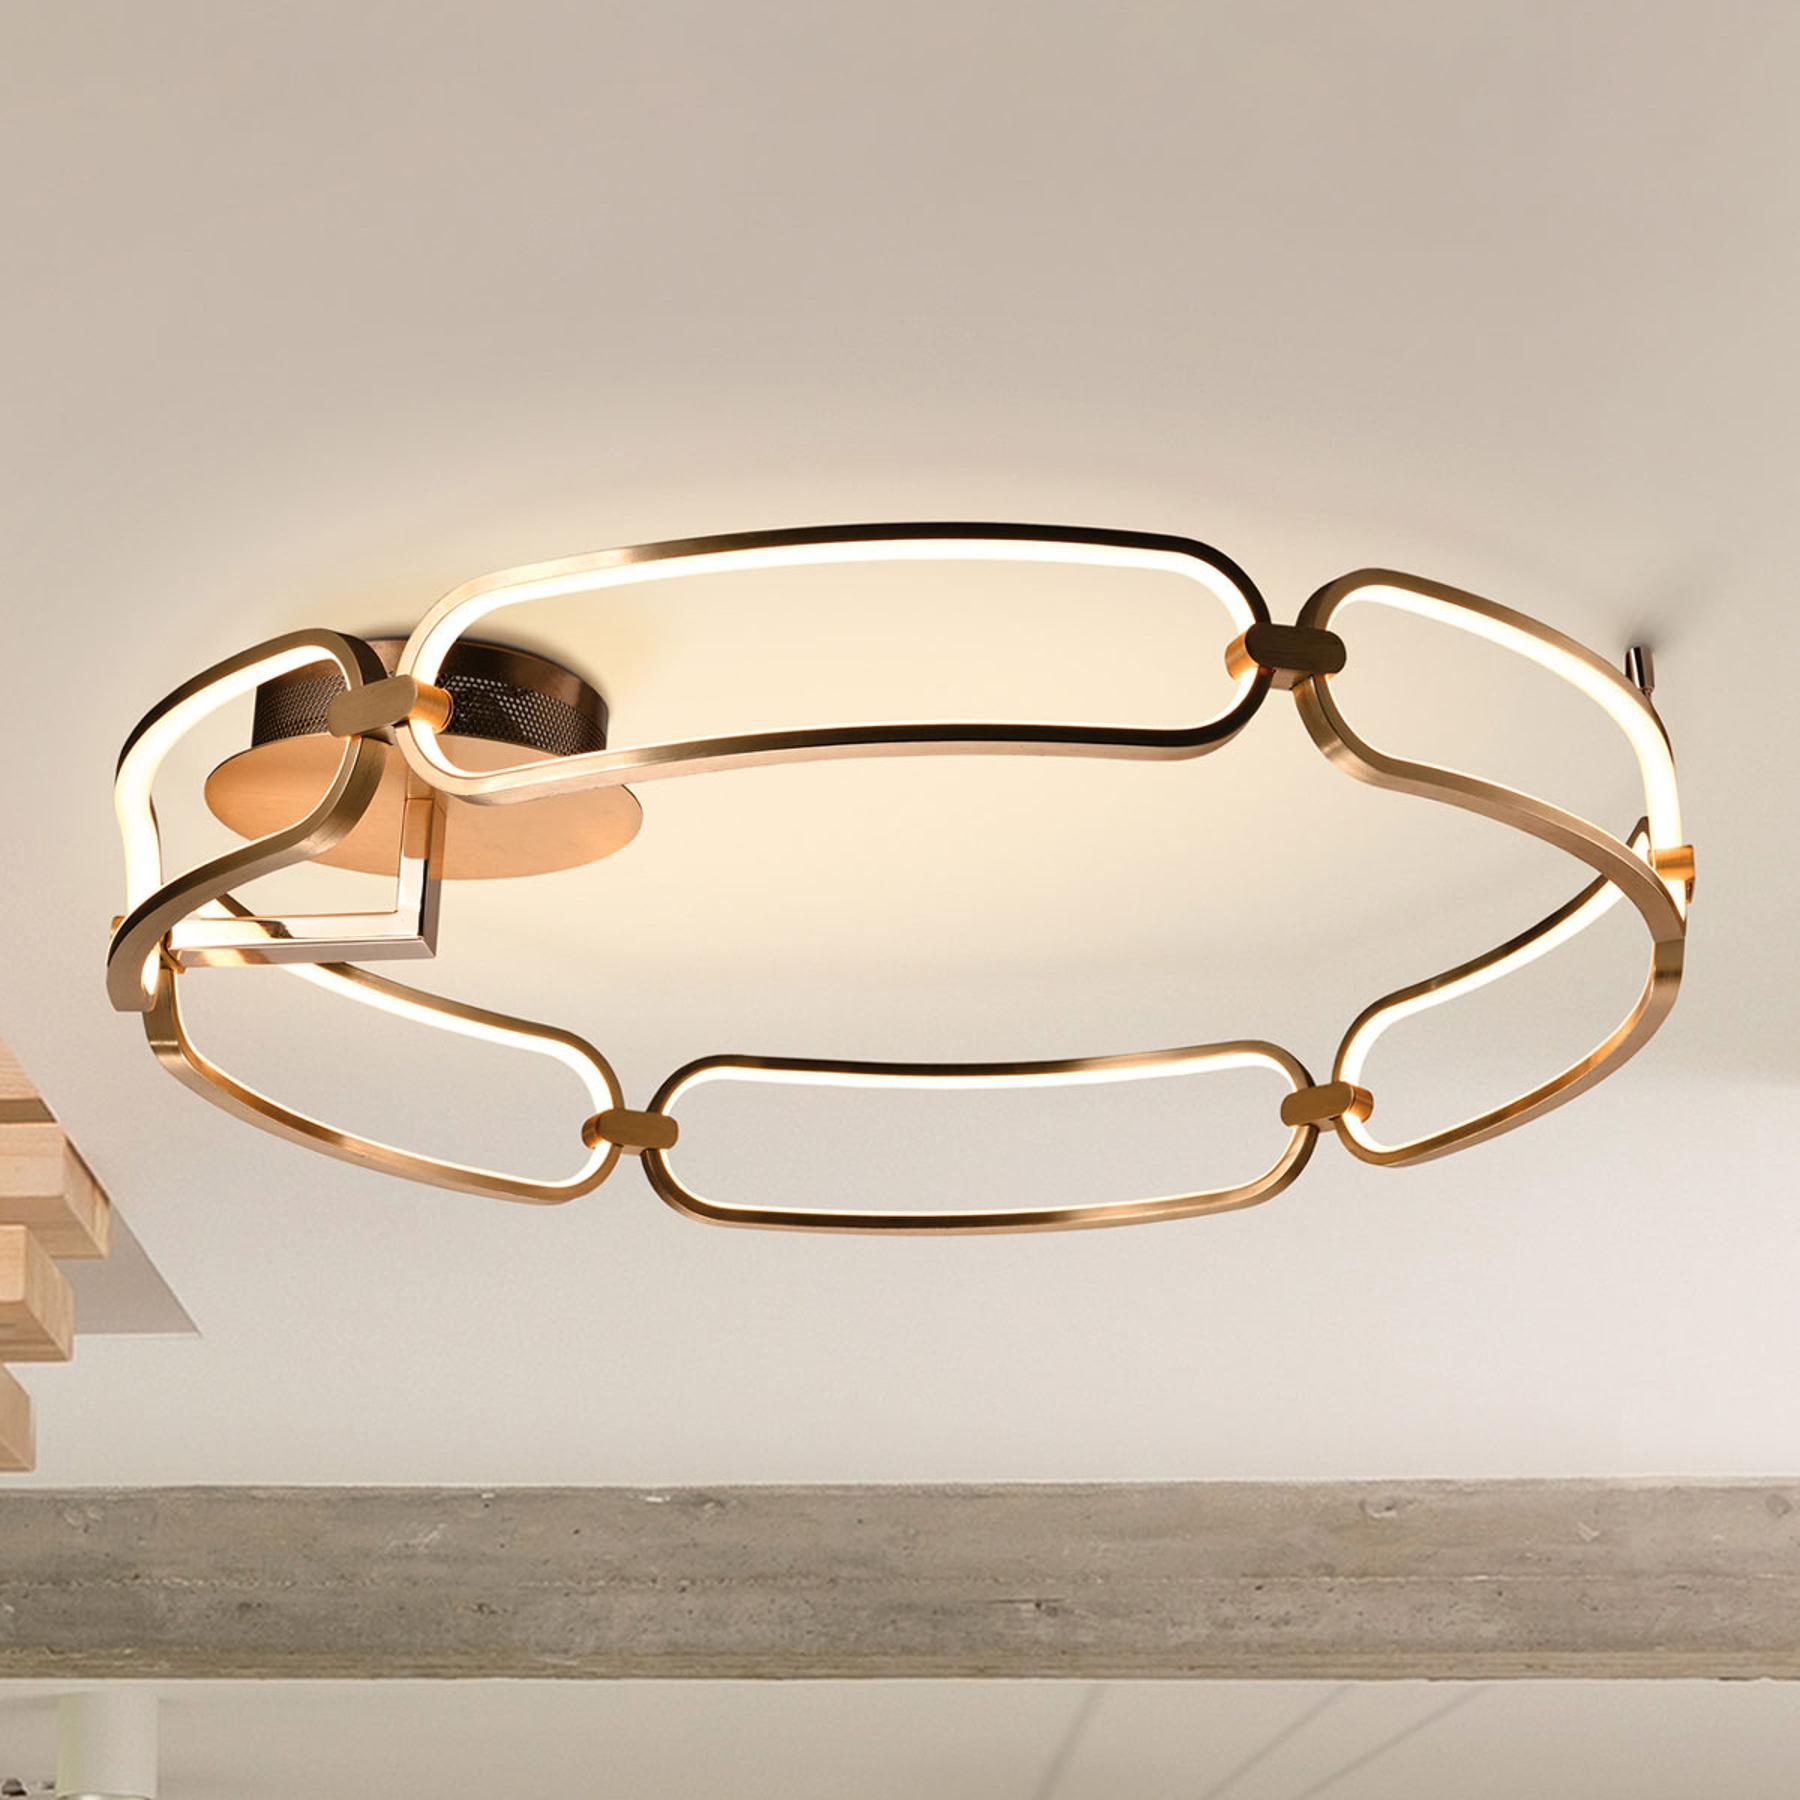 Lampa sufitowa LED Colette 6-punktowa różowe złoto